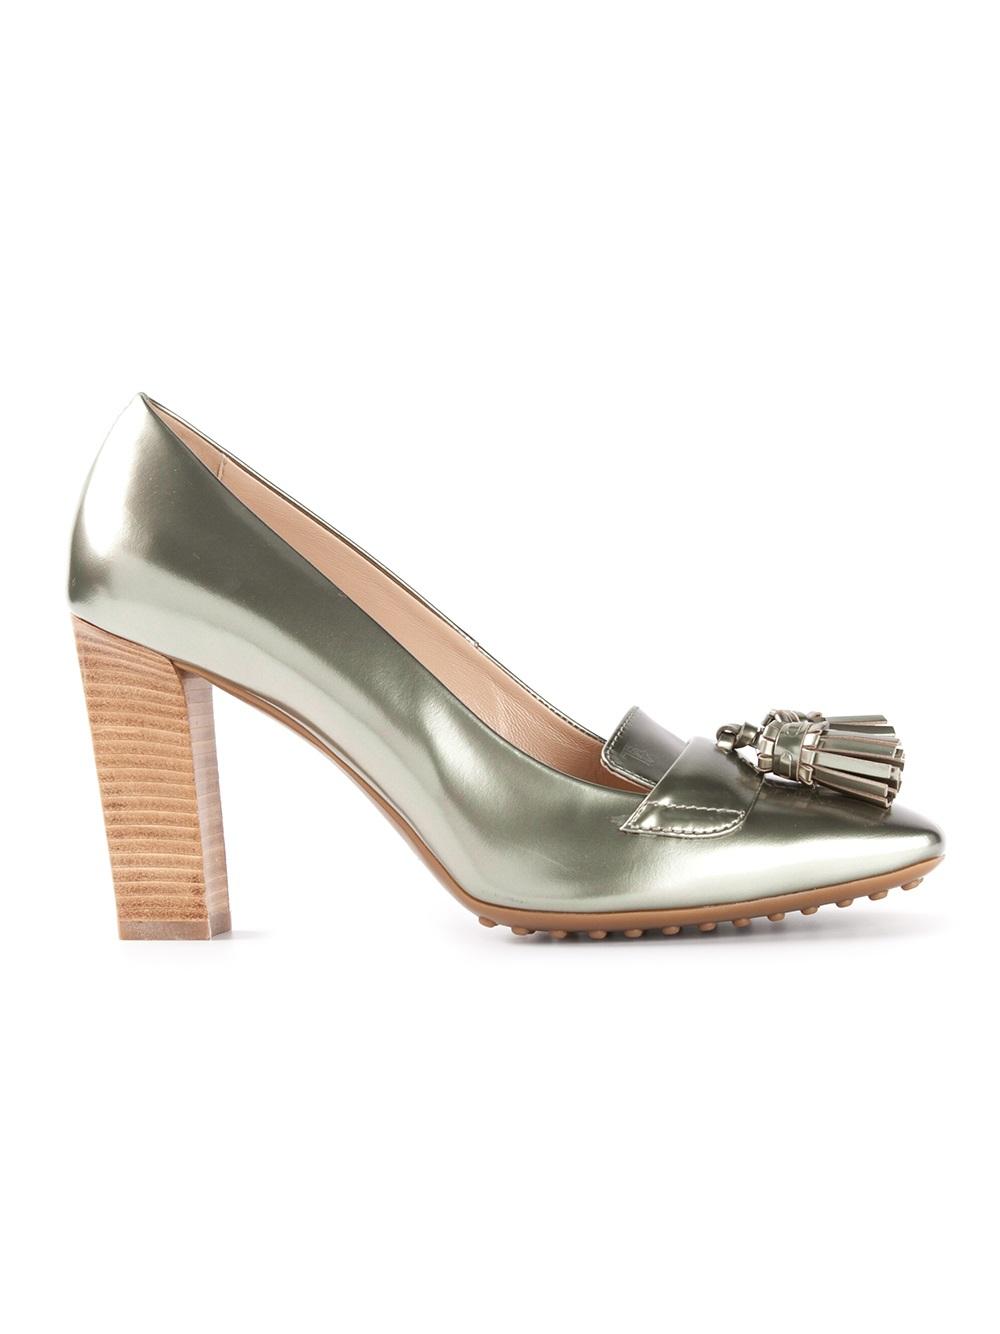 studded heel pumps - Metallic Tod's 5YIpkLM6